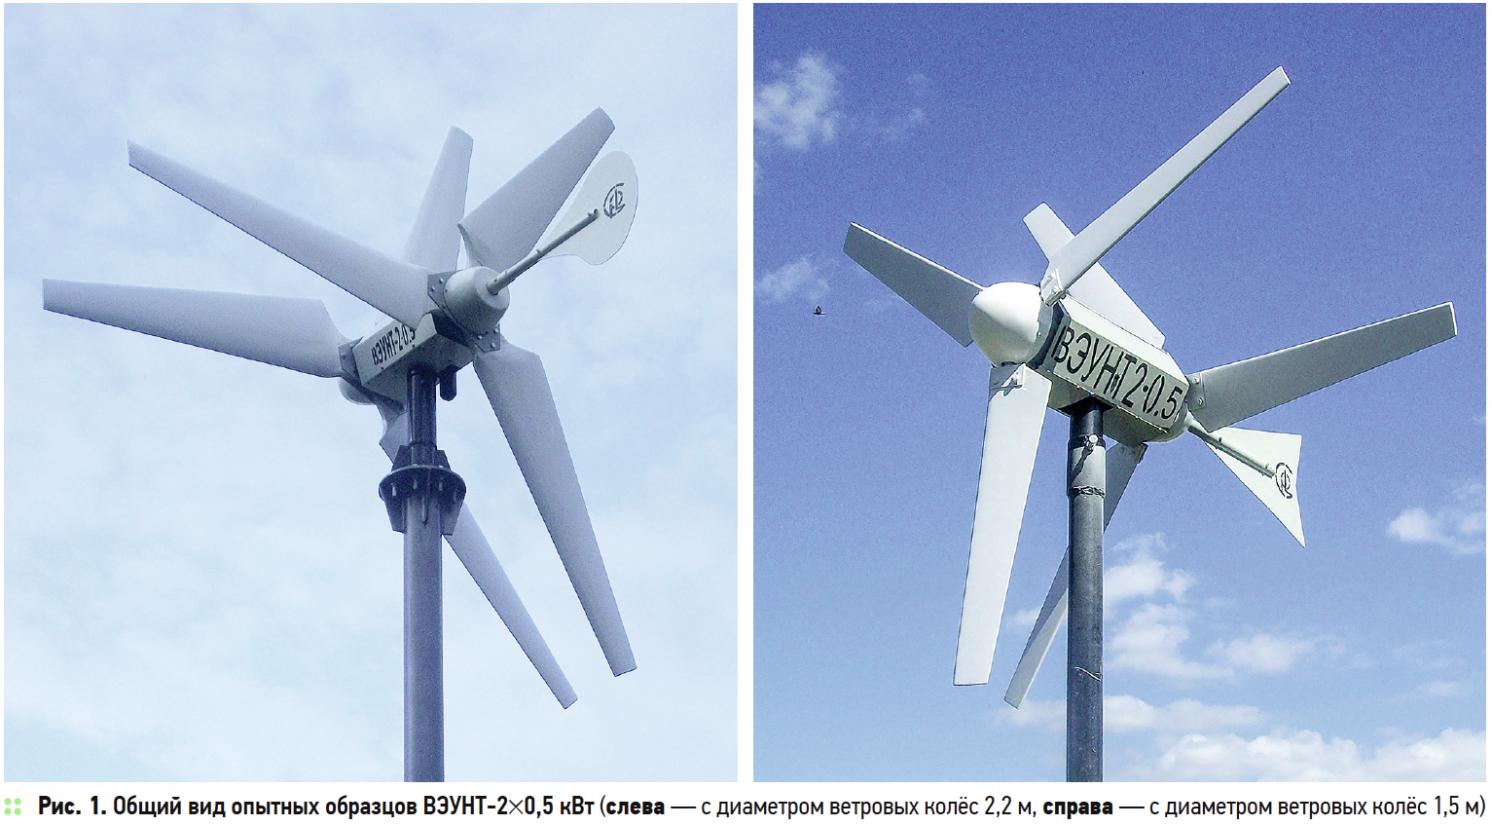 Инновационный способ использования энергии ветра. 7/2017. Фото 3